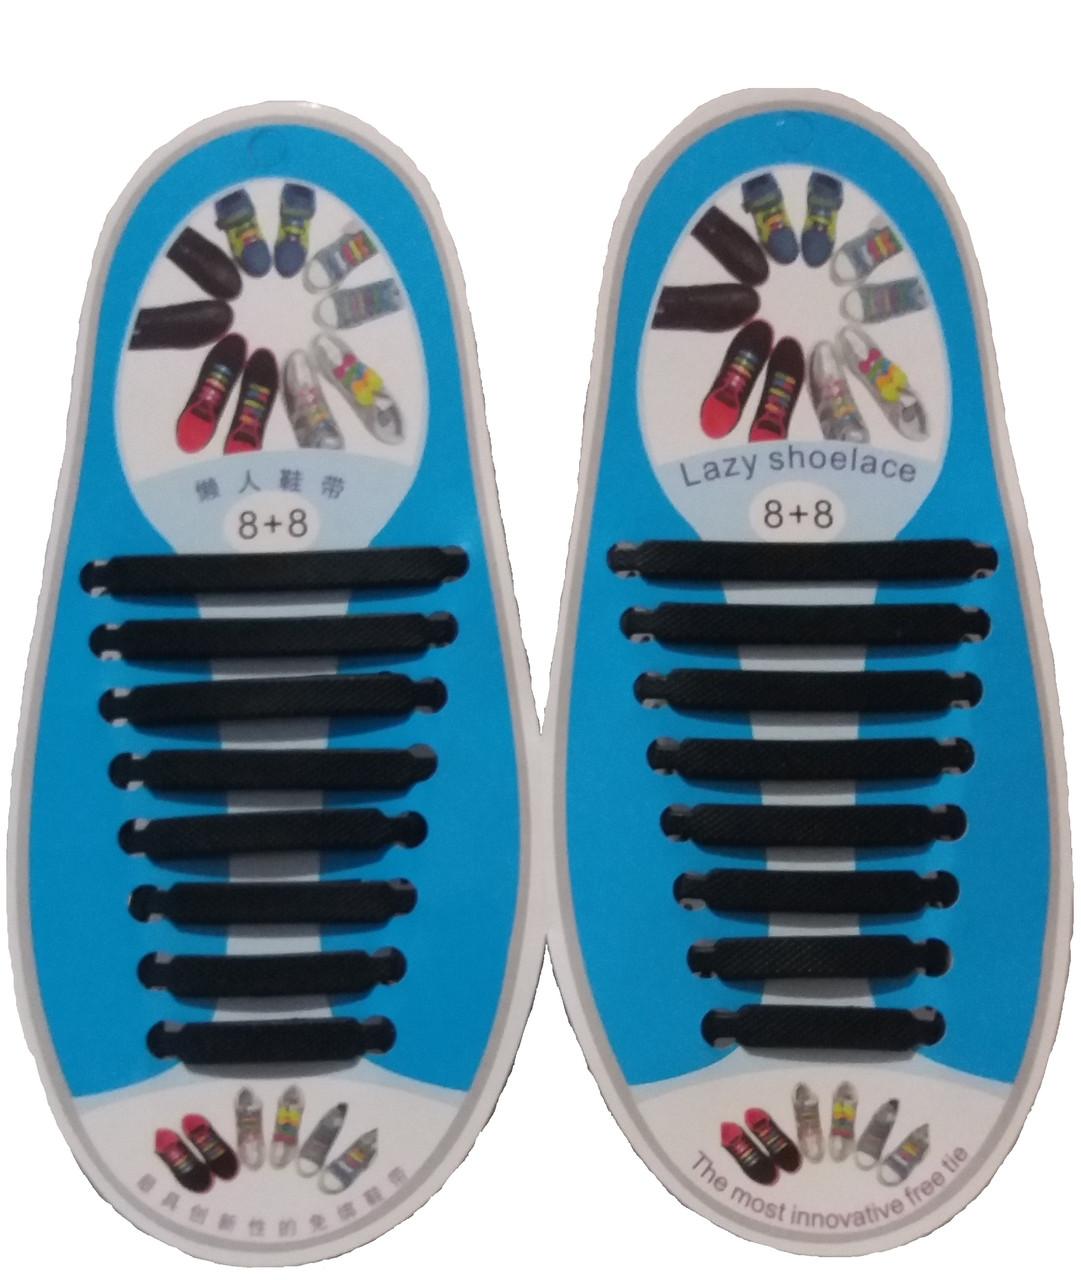 Силиконовые шнурки 8+8 16шт/комплект черные